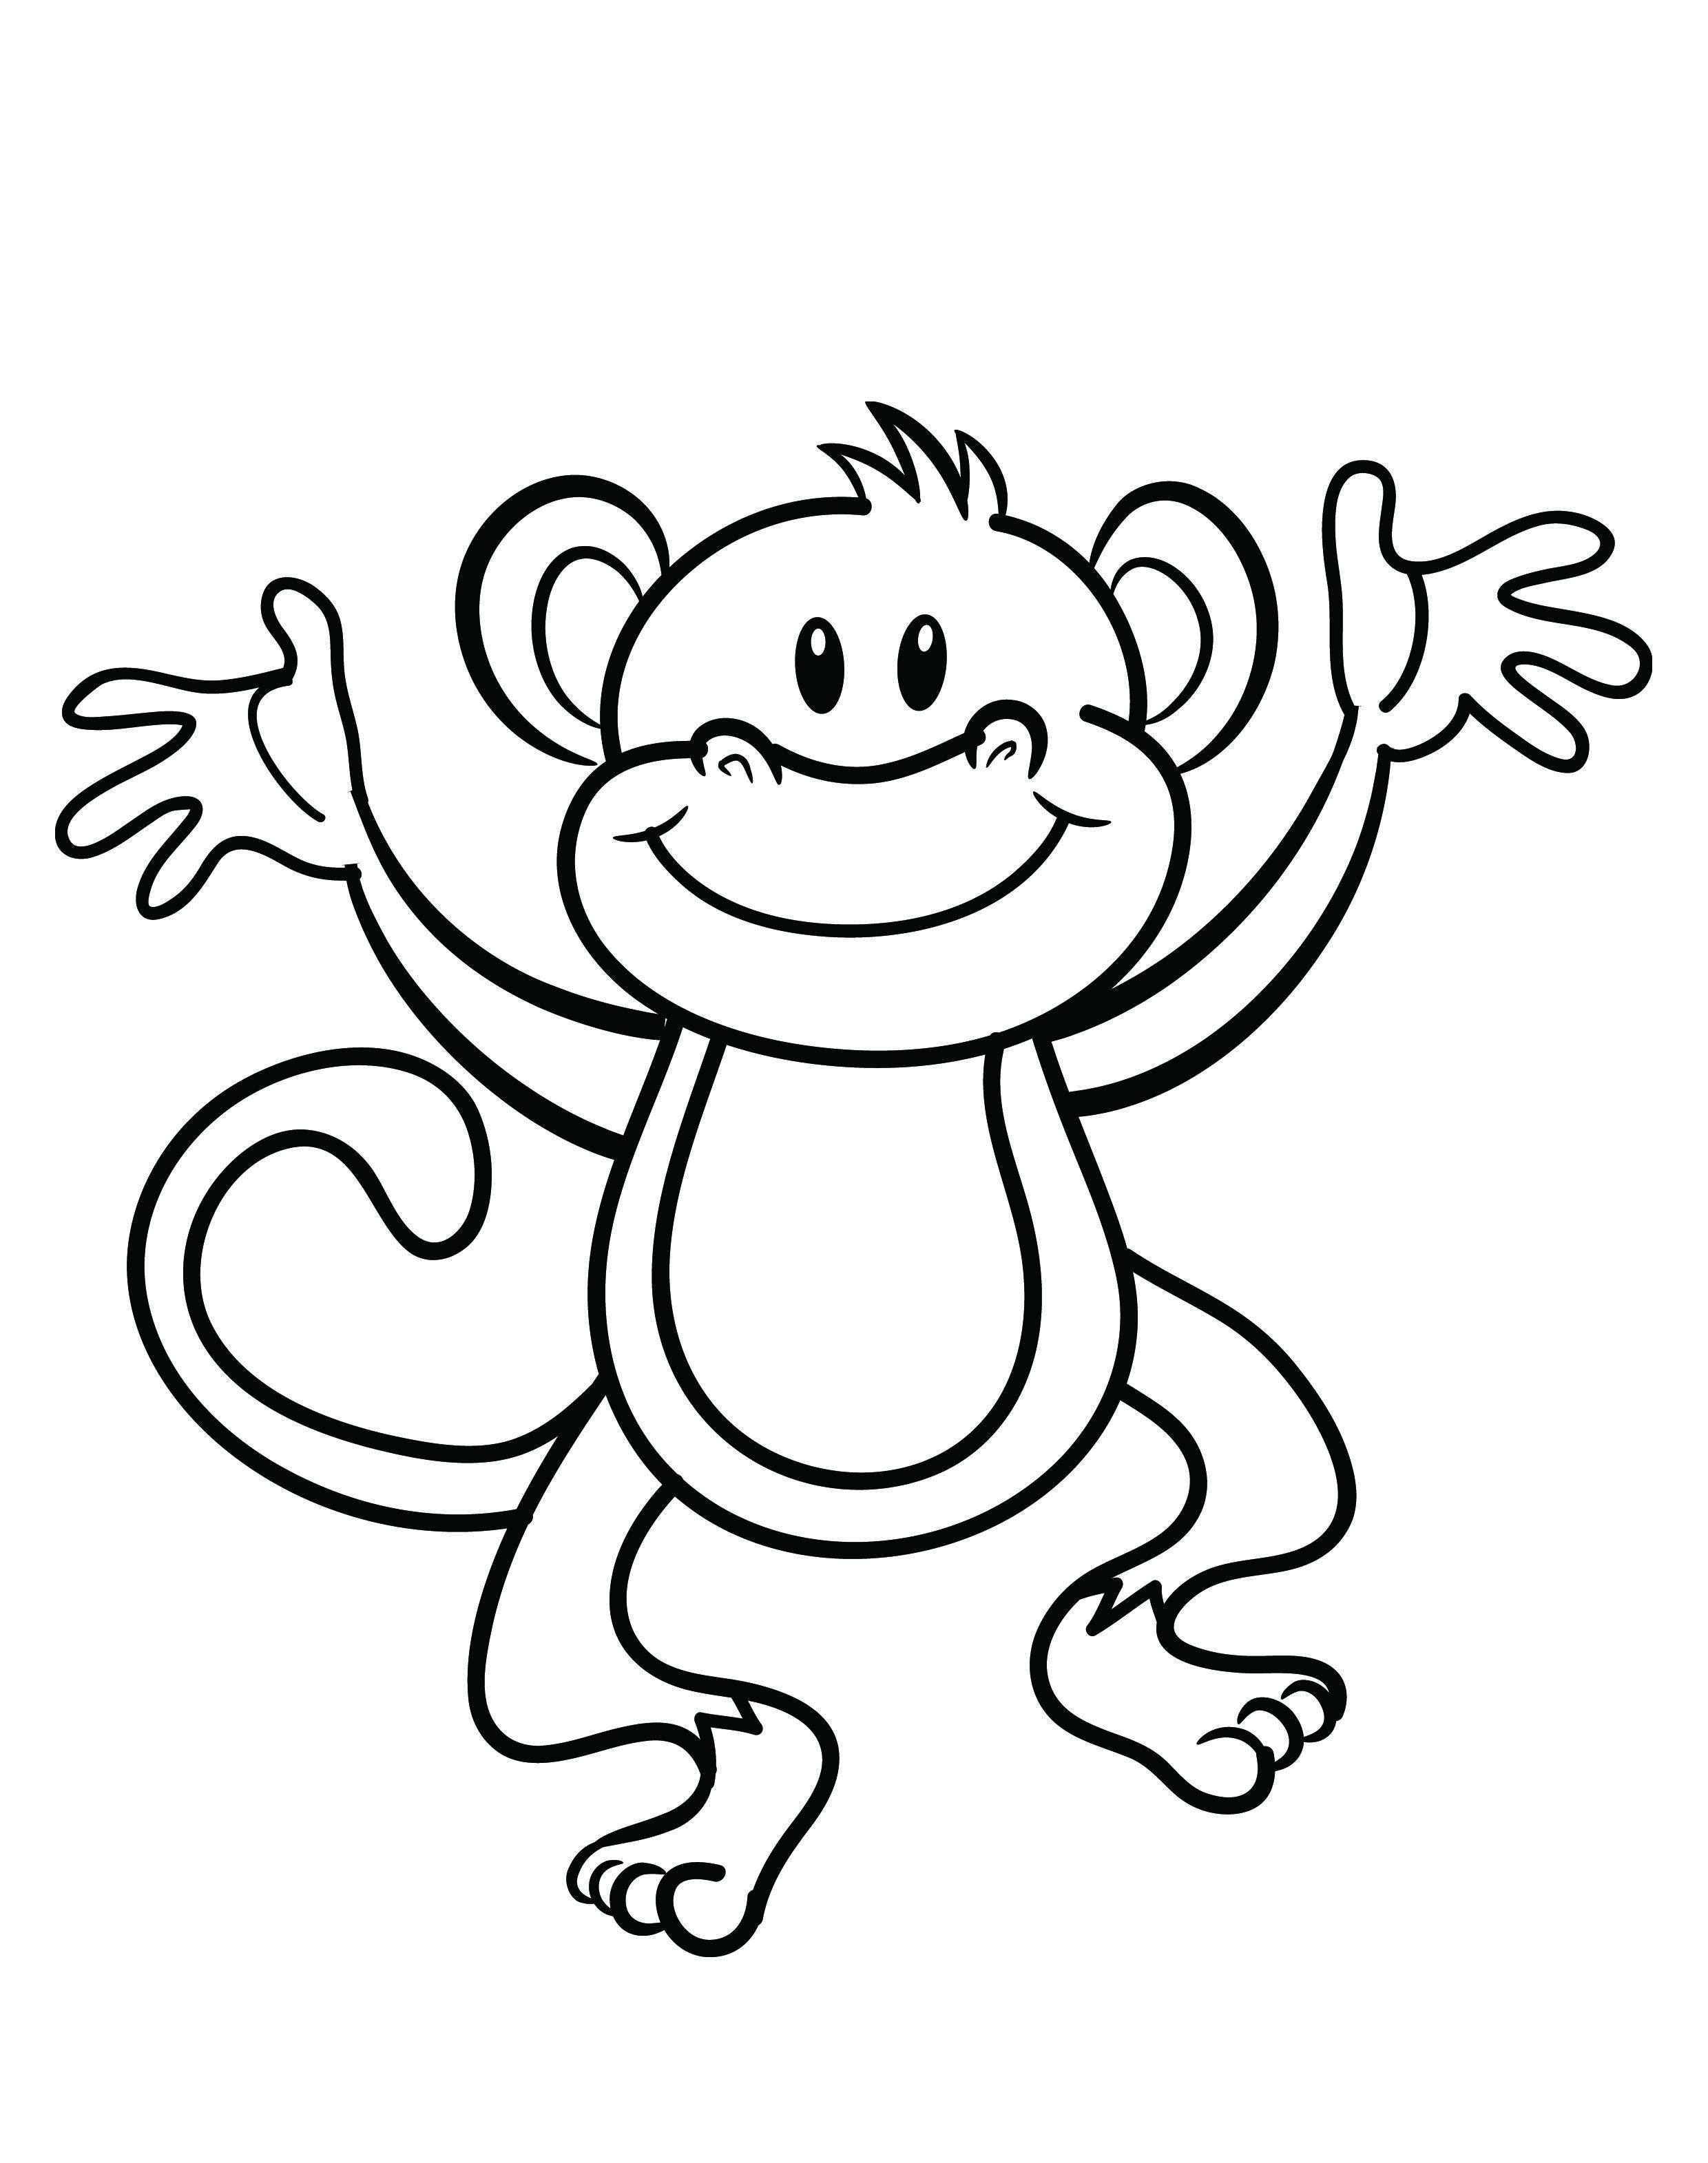 Free Printable Monkey Coloring Page   Cj 1St Birthday   Monkey - Free Printable Monkey Coloring Sheets